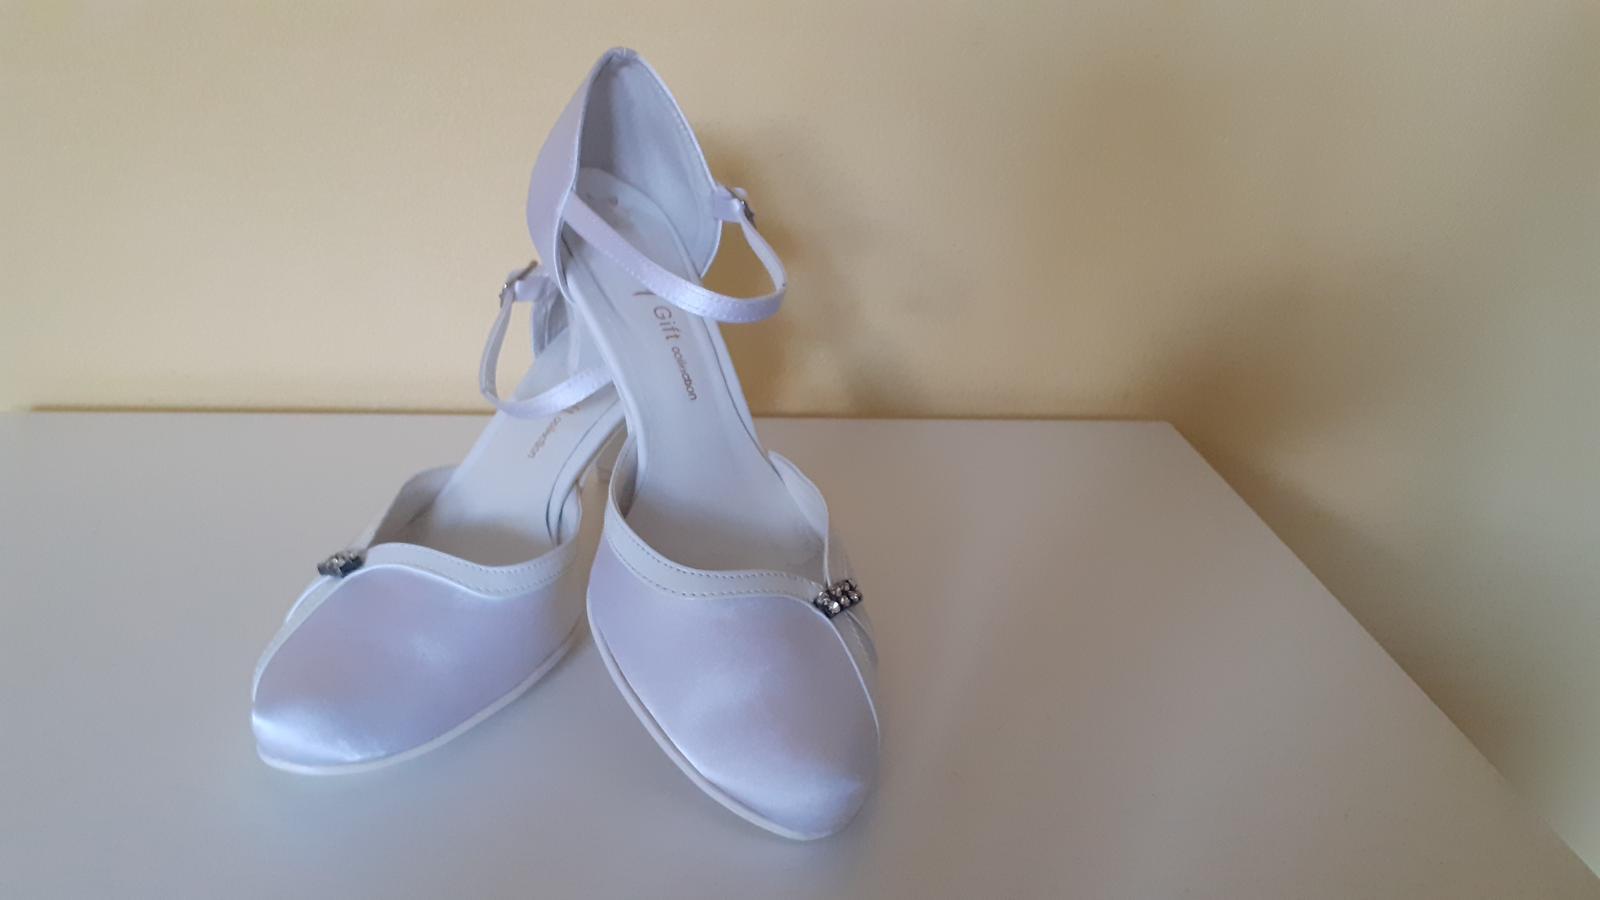 Svadobné topánky Gift - Obrázok č. 1